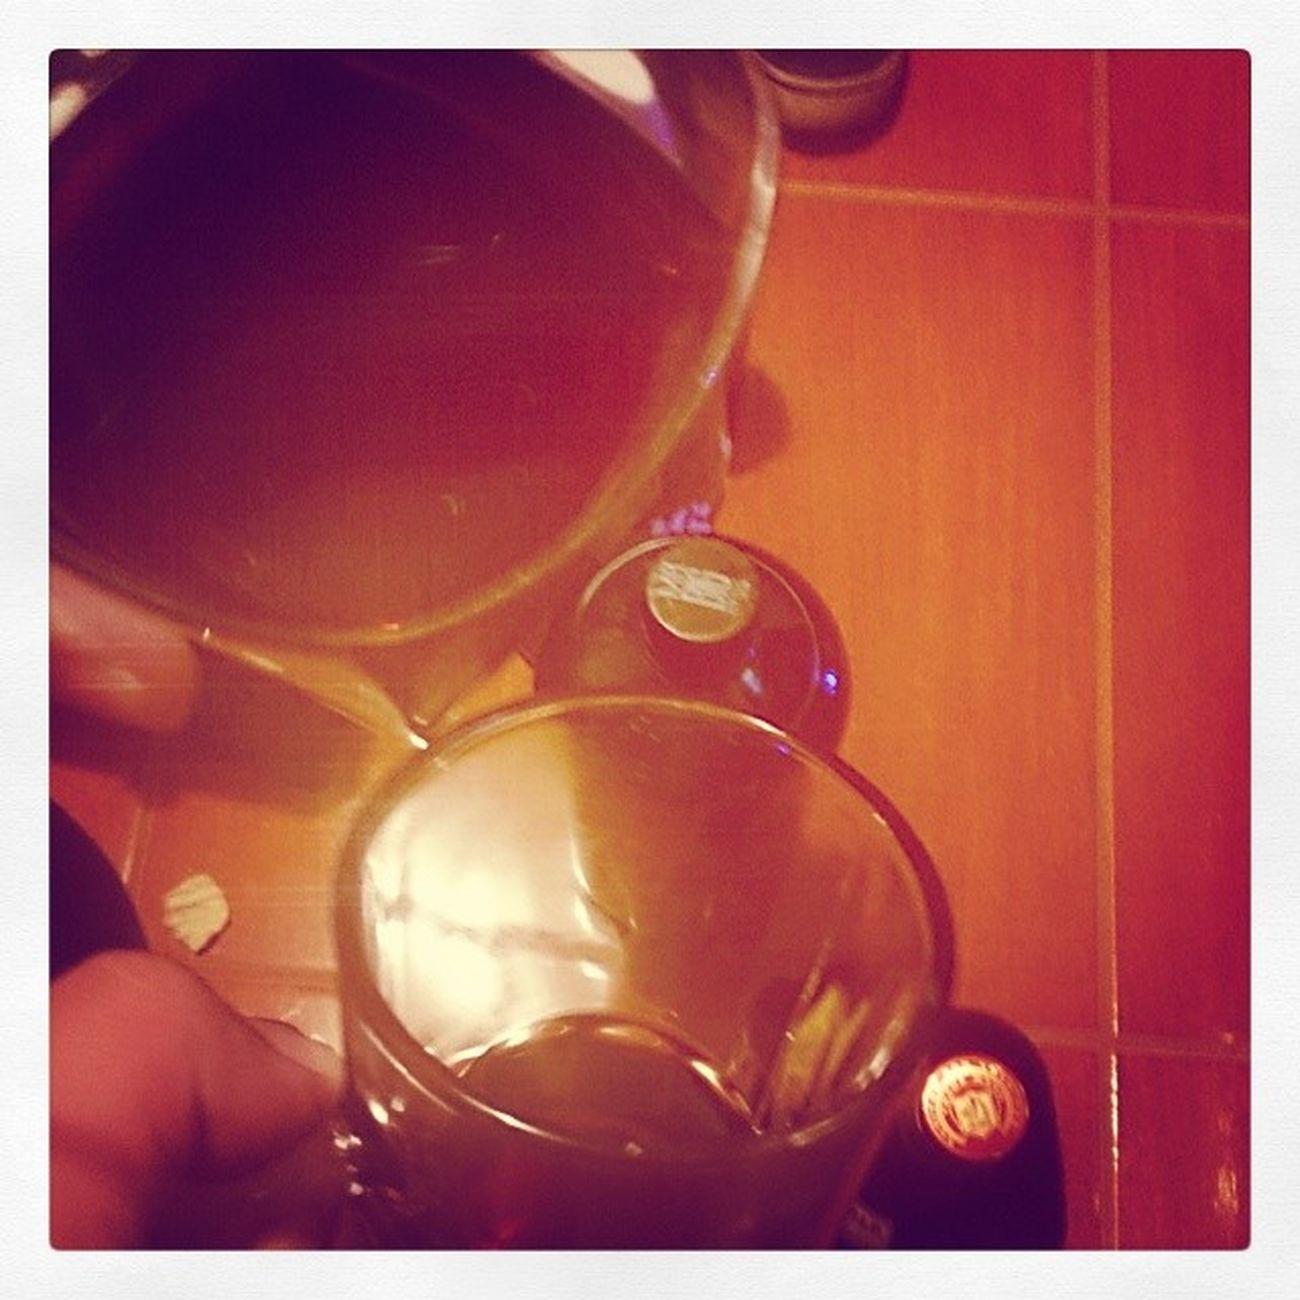 Mrbig - SandyMacDonan - Coca -cola - Becker y buena musica